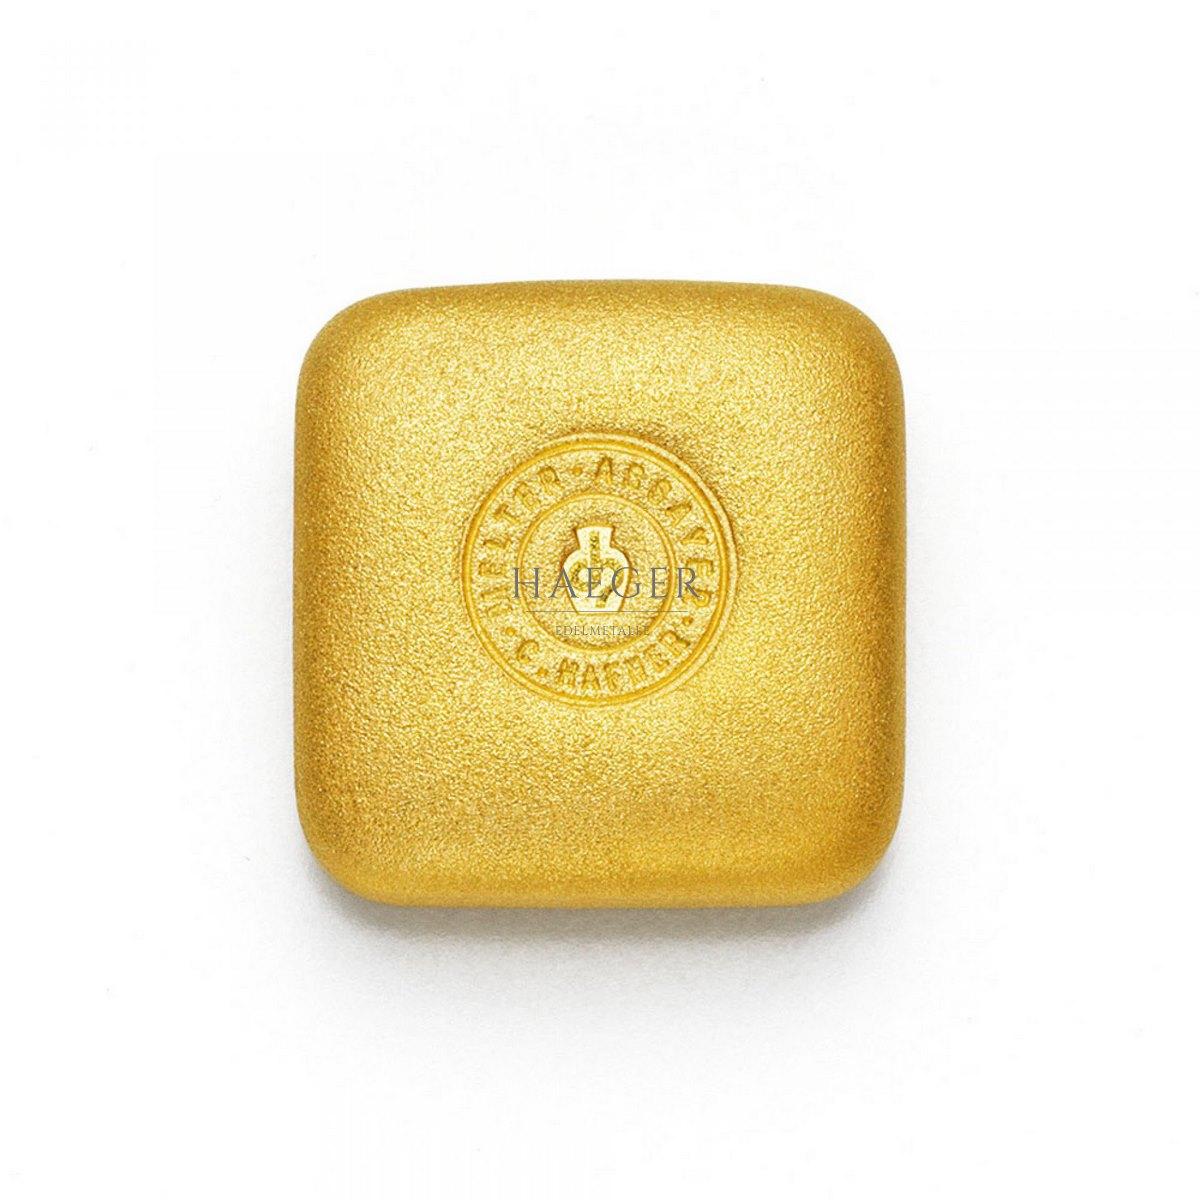 50 g C. Hafner Goldbarren Neuware